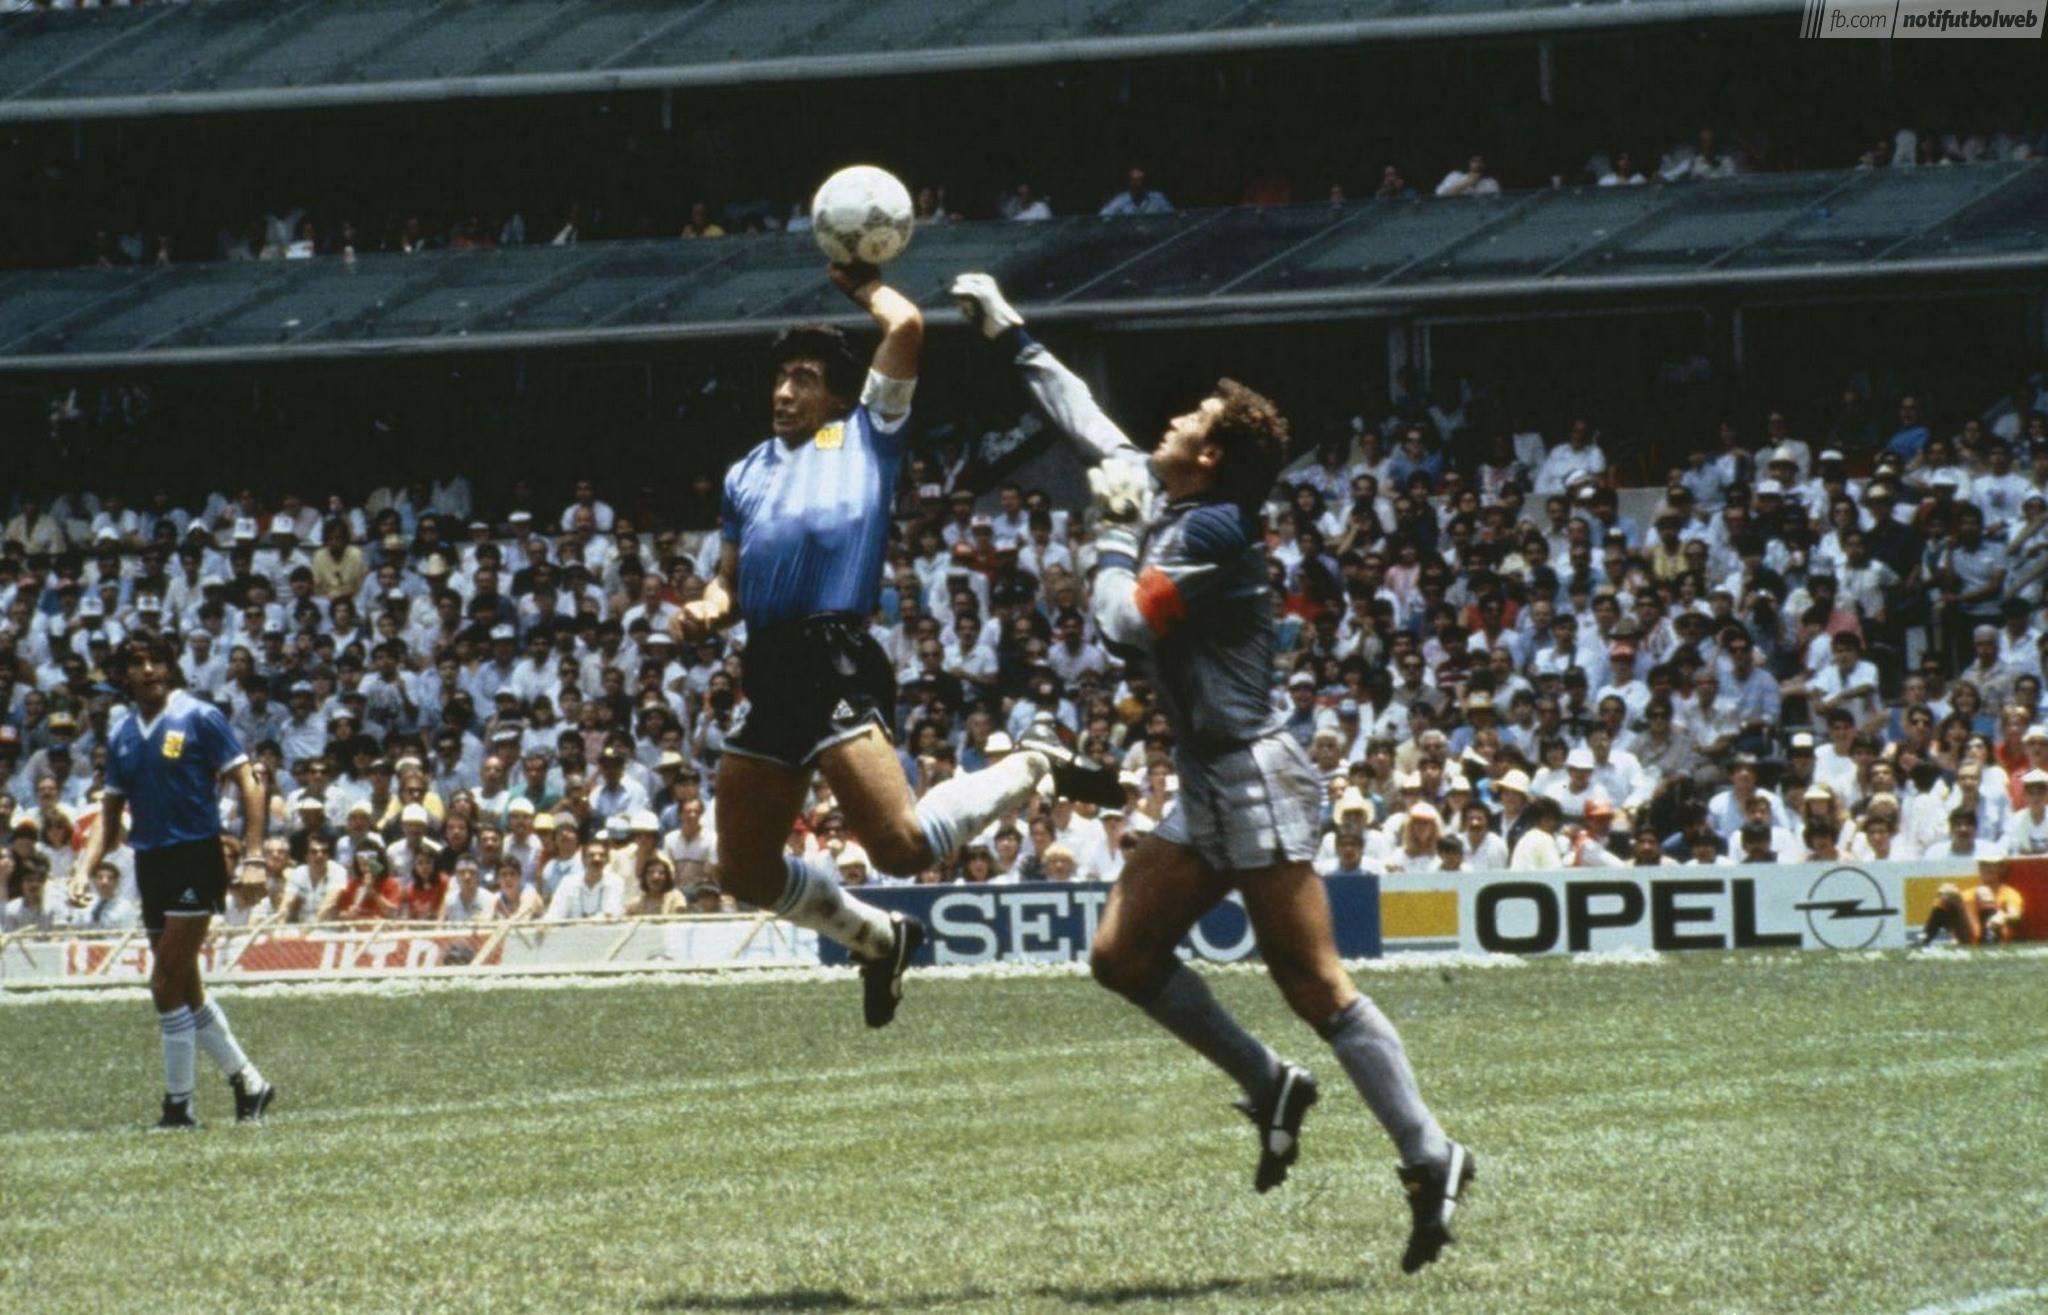 """Storia, mito e pallone. Tavola rotonda su Argentina-Inghilterra trent'anni dopo la """"mano de Dios"""""""